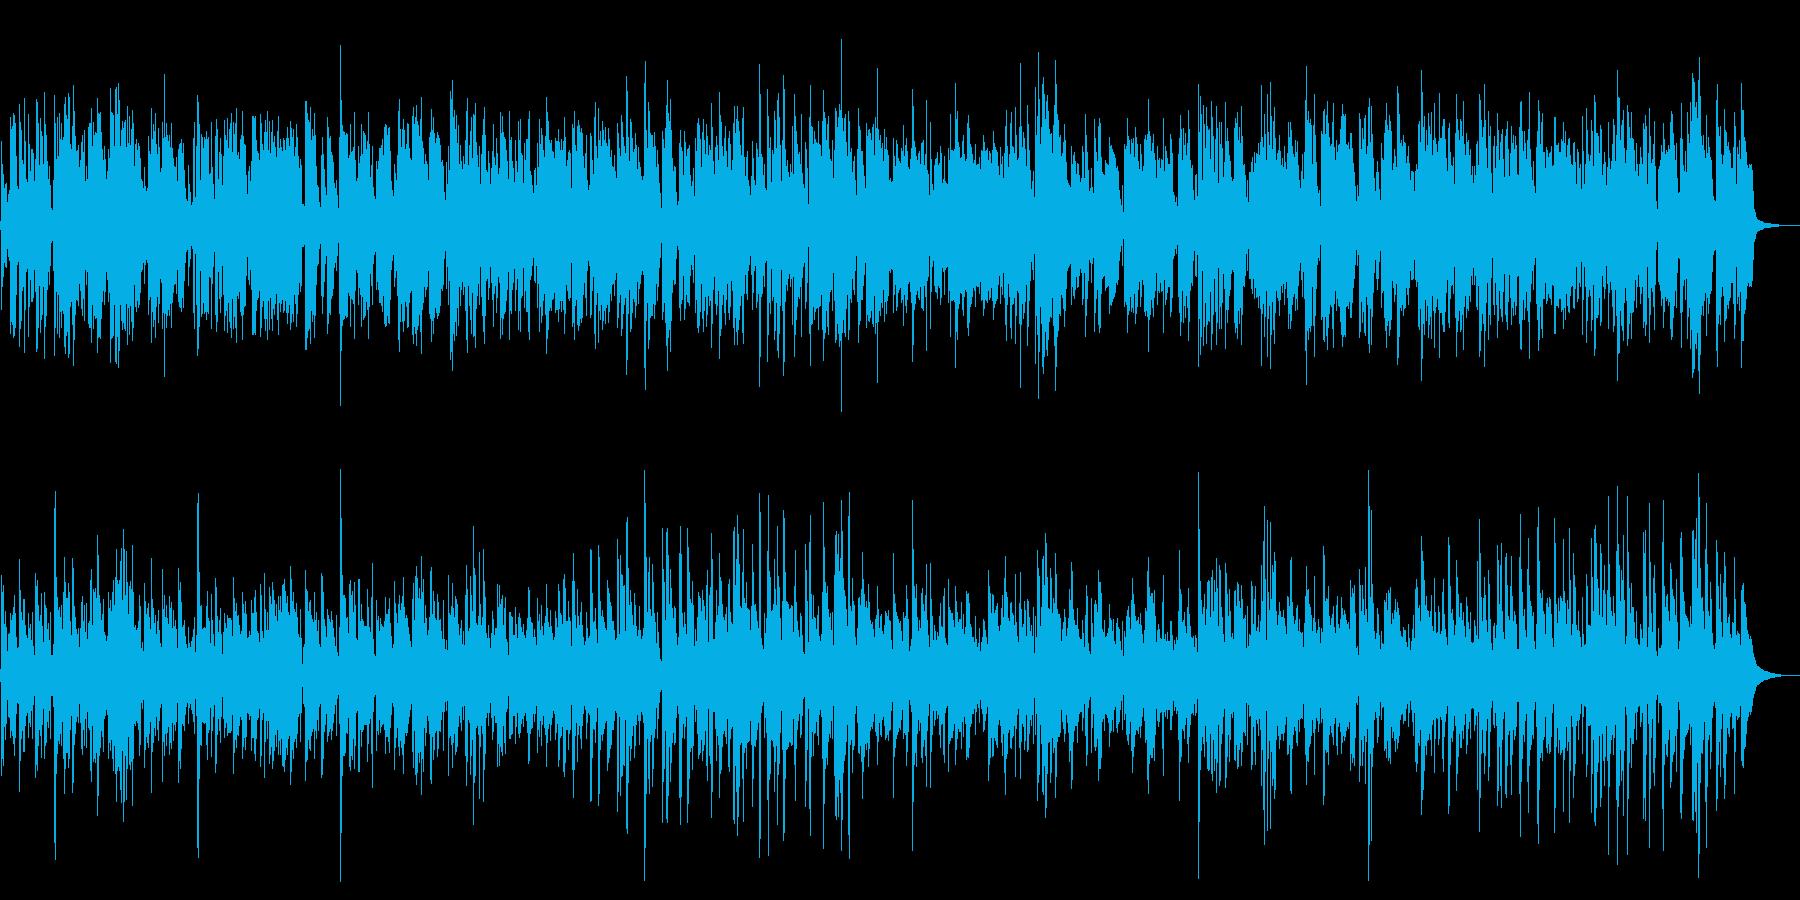 生トランペットのリラックスジャズ 哀愁感の再生済みの波形